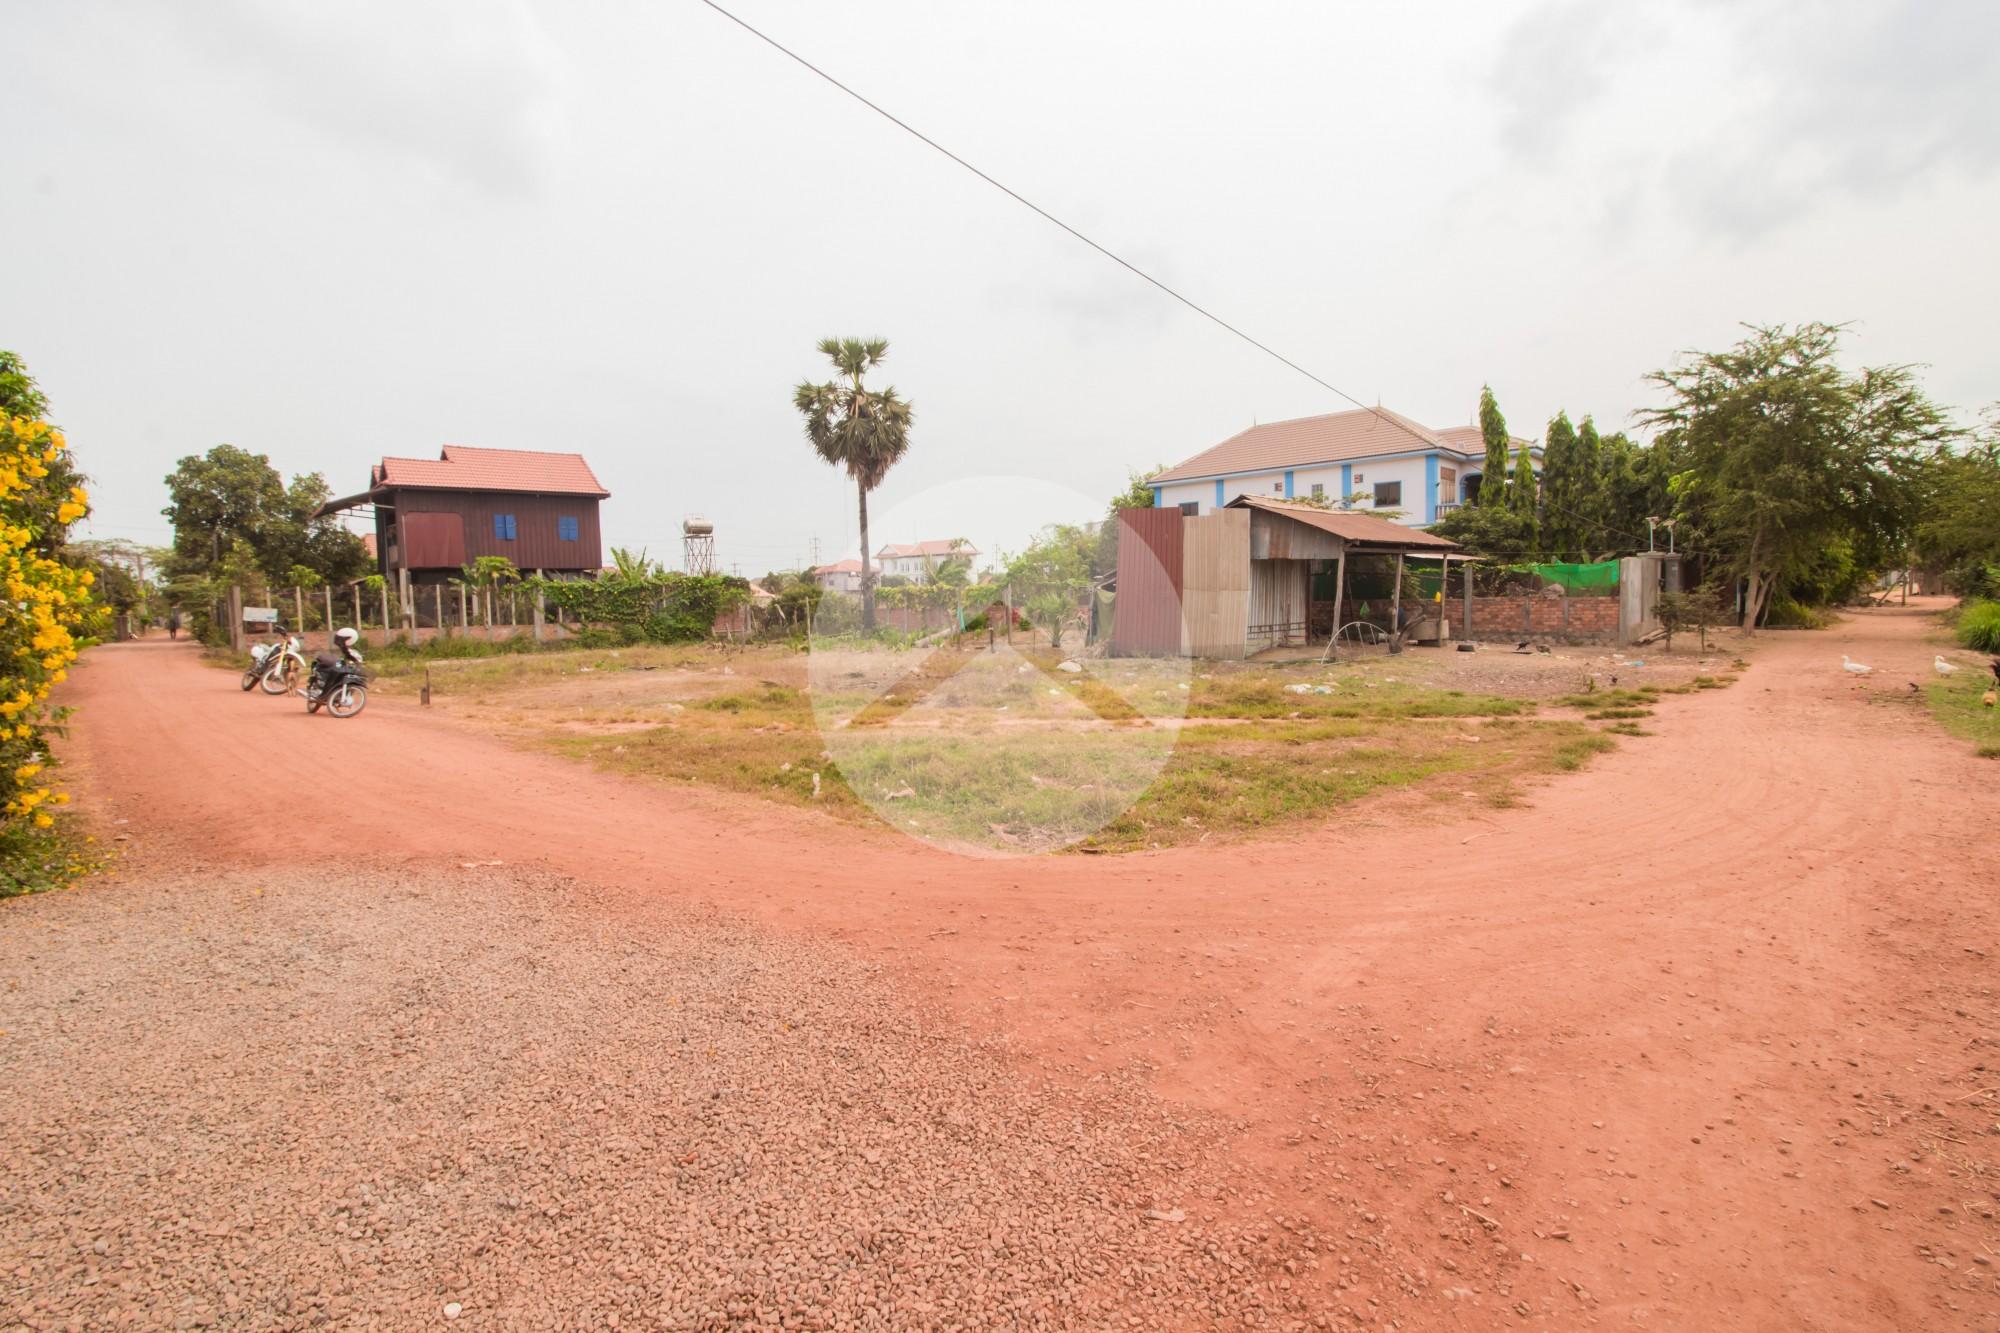 400 Sqm Residential Land For Sale - Chreav, Siem Reap